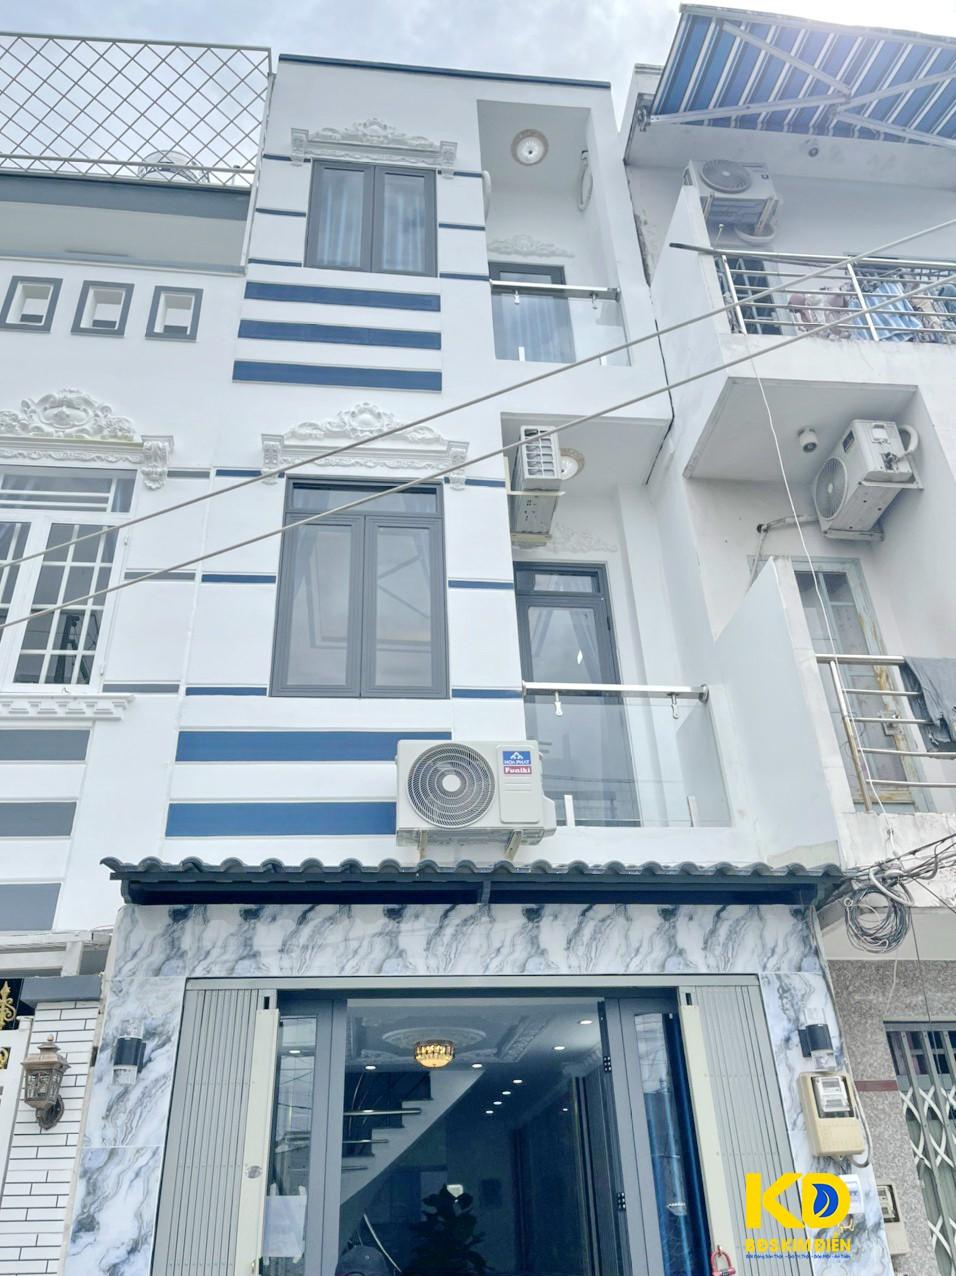 Bán nhà hẻm xe hơi 5m 1716 đường Huỳnh Tấn Phát thị trấn Nhà Bè